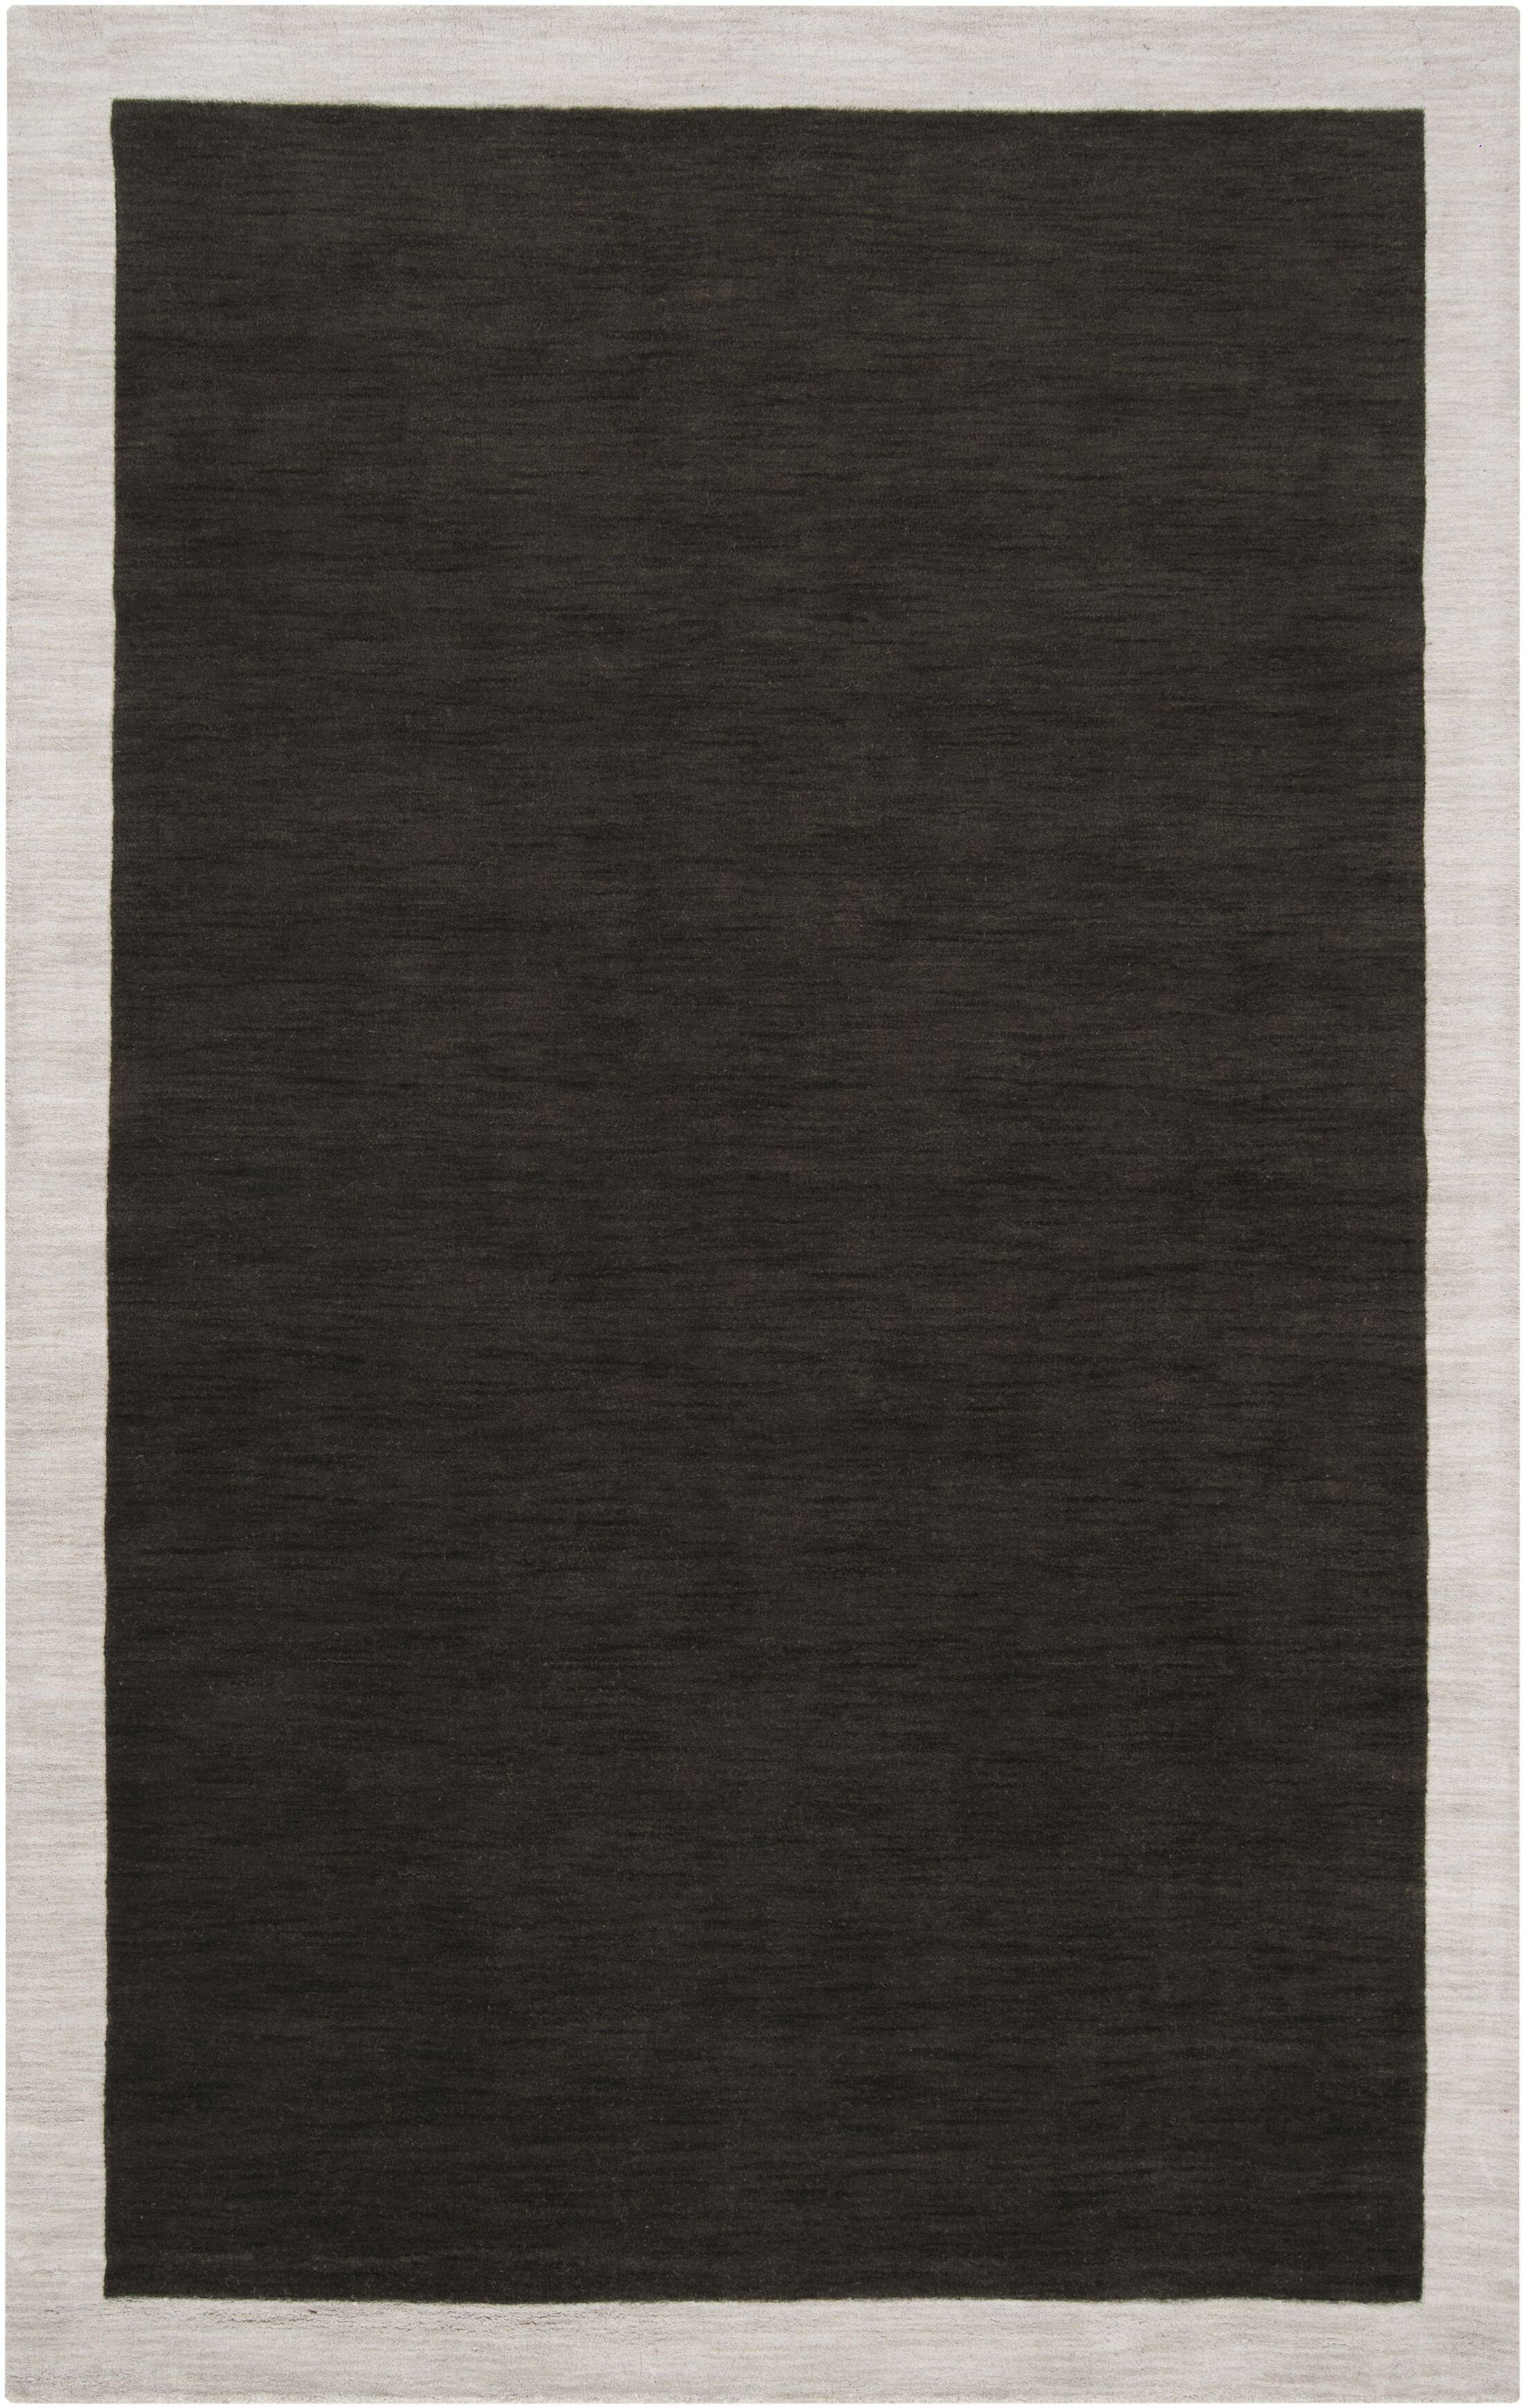 Madison Square Coal Black/Oatmeal Area Rug Rug Size: Rectangle 8' x 10'